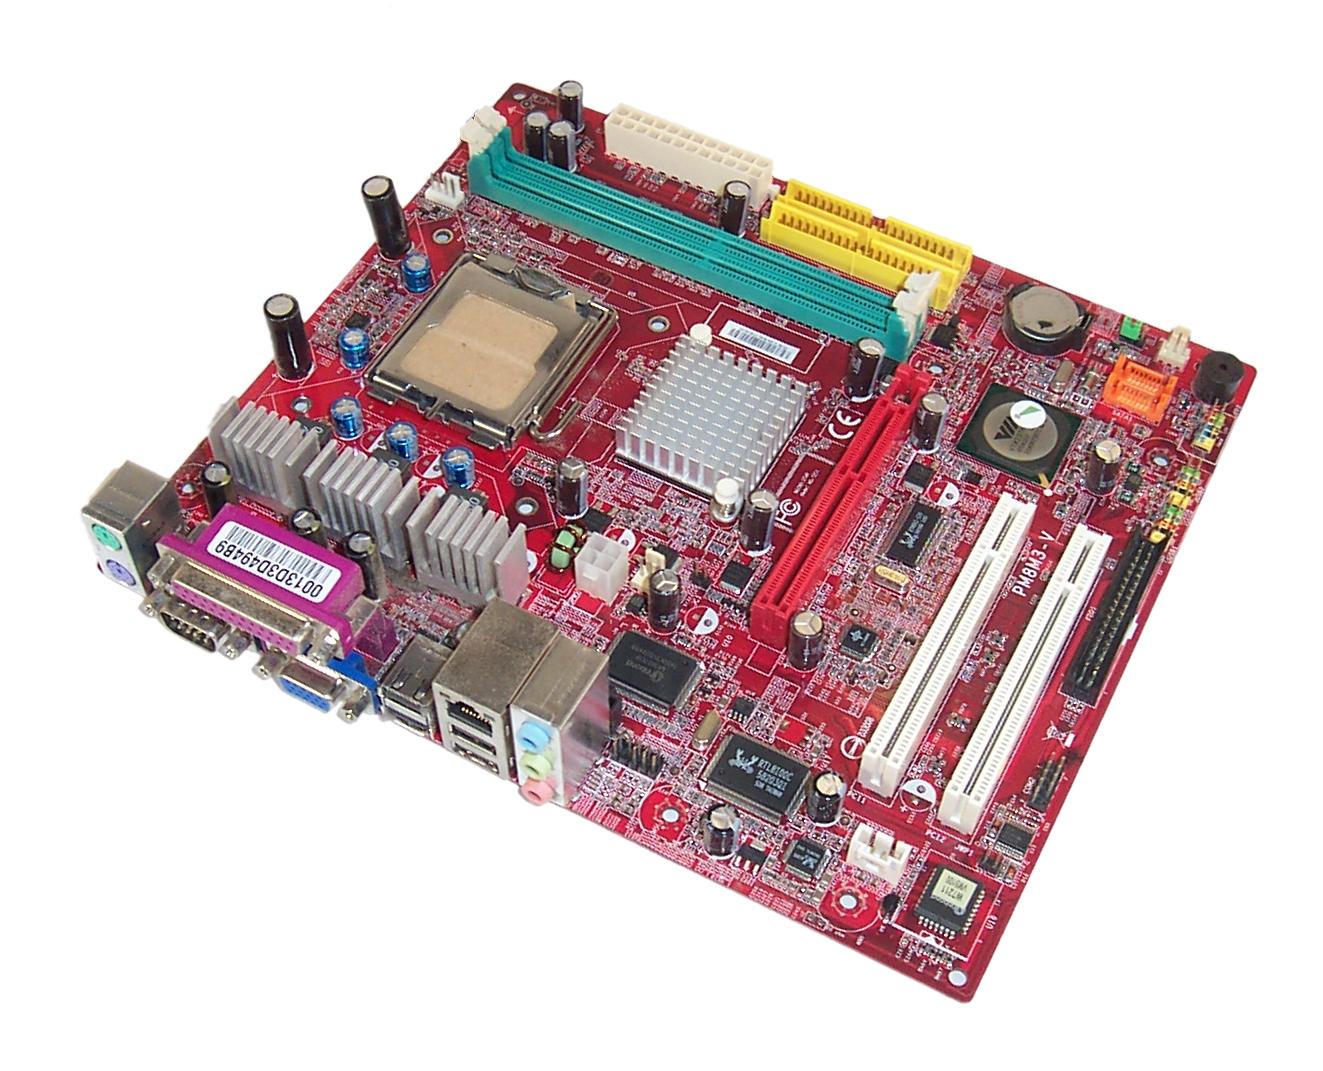 N1996 Motherboard Drivers Ht2000 Wiring Diagram